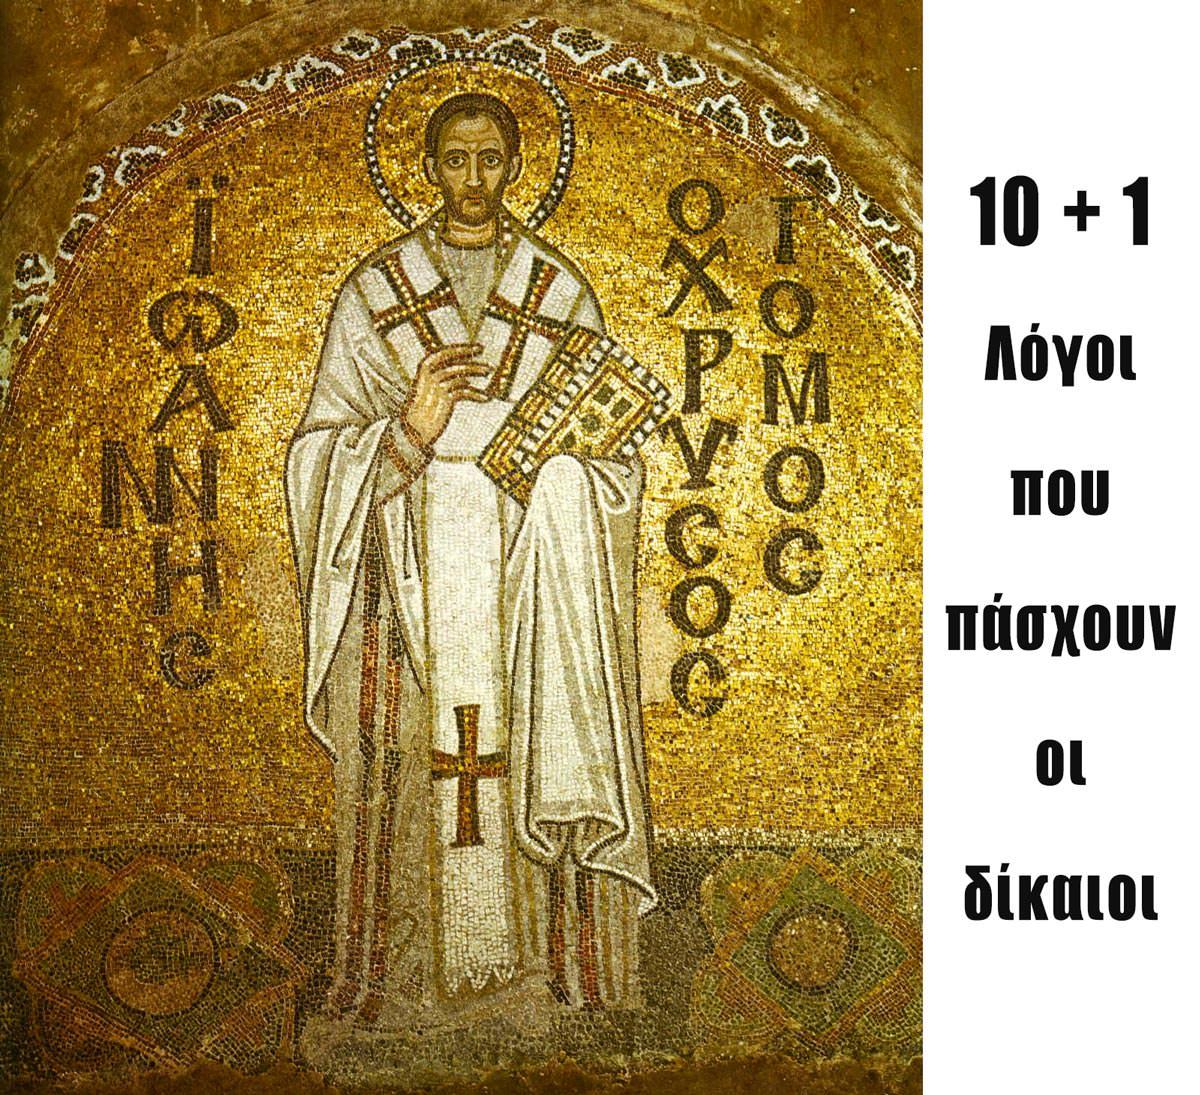 Αγιος Ιωάννης ο Χρυσόστομος δίκαιος άνθρωπος